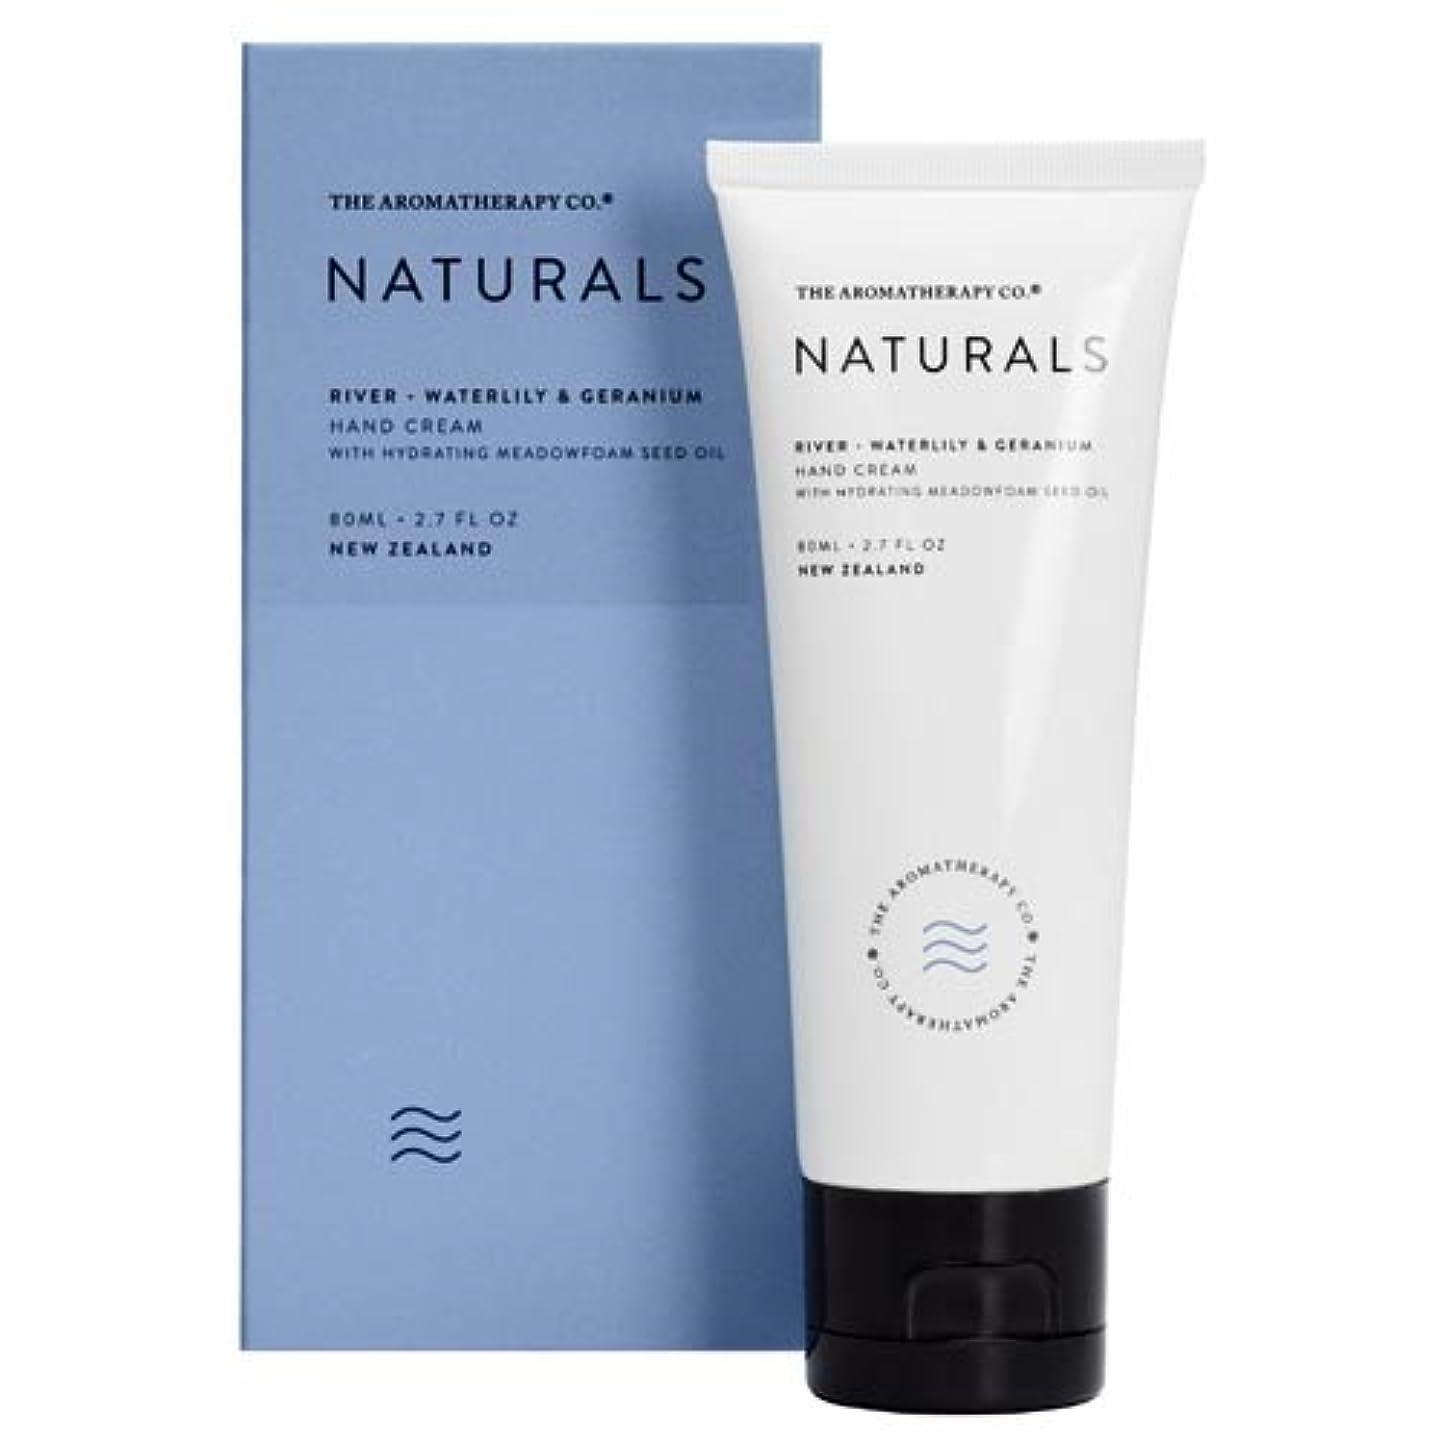 new NATURALS ナチュラルズ Hand Cream ハンドクリーム River リバー(川)Waterlily & Geranium ウォーターリリー&ゼラニウム